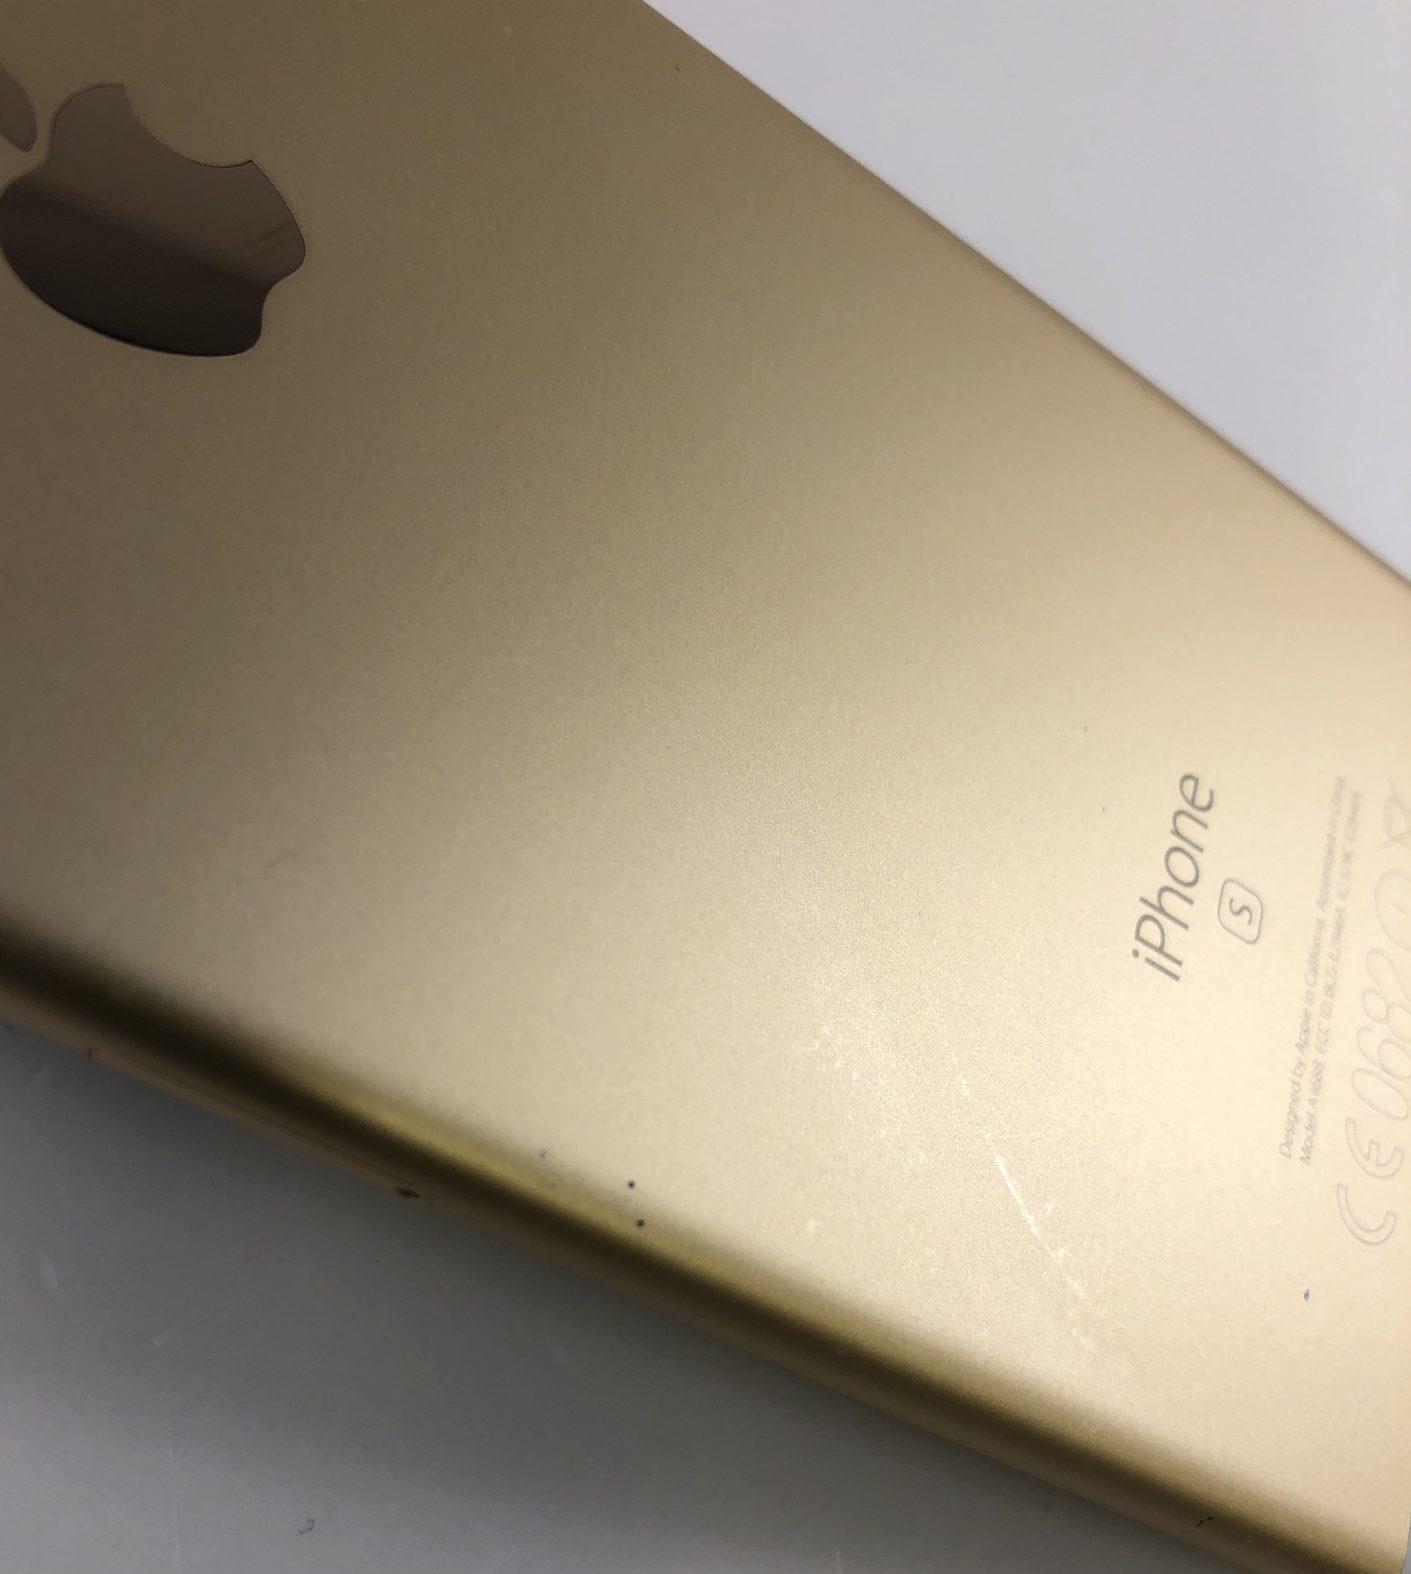 iPhone 6S 16GB, 16GB, Gold, bild 5